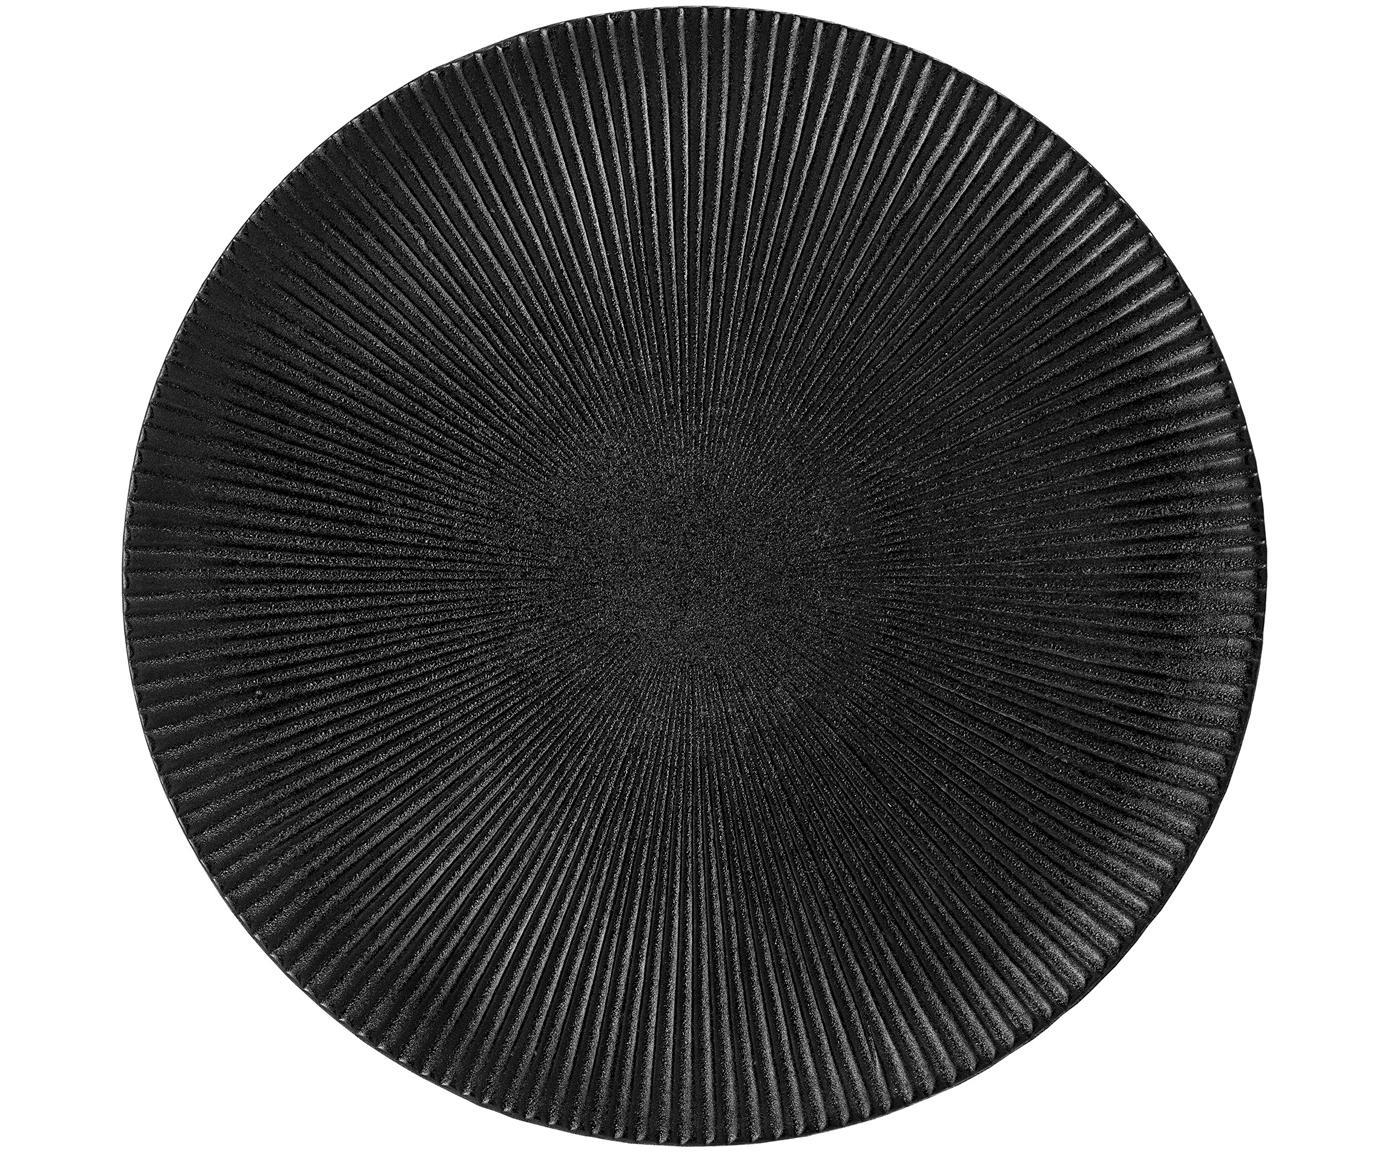 Talerz duży Neri, Kamionka Ze strukturą rówków i lekko szorstką powierzchnią, Czarny, Ø 29 cm